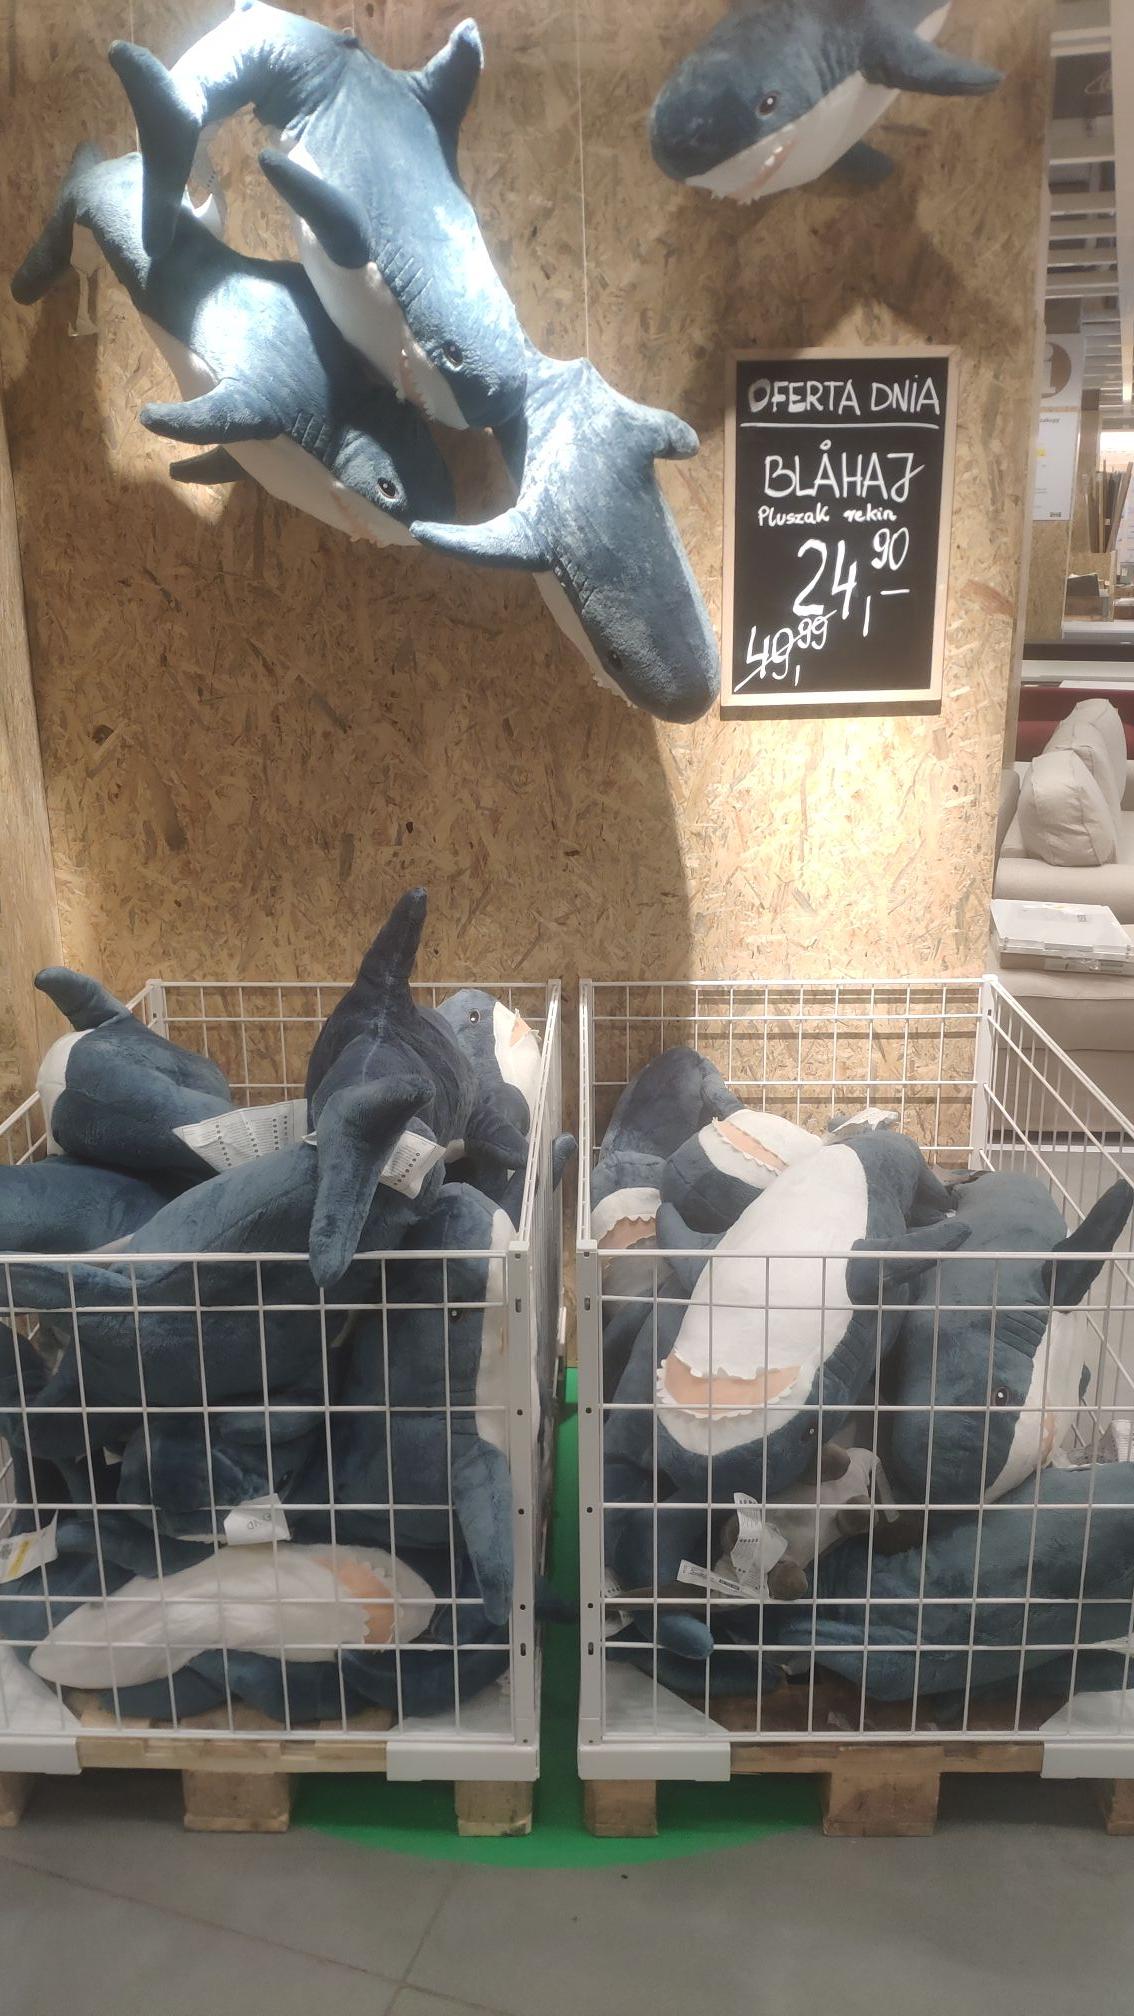 Rekin pluszowy IKEA BLAHAJ